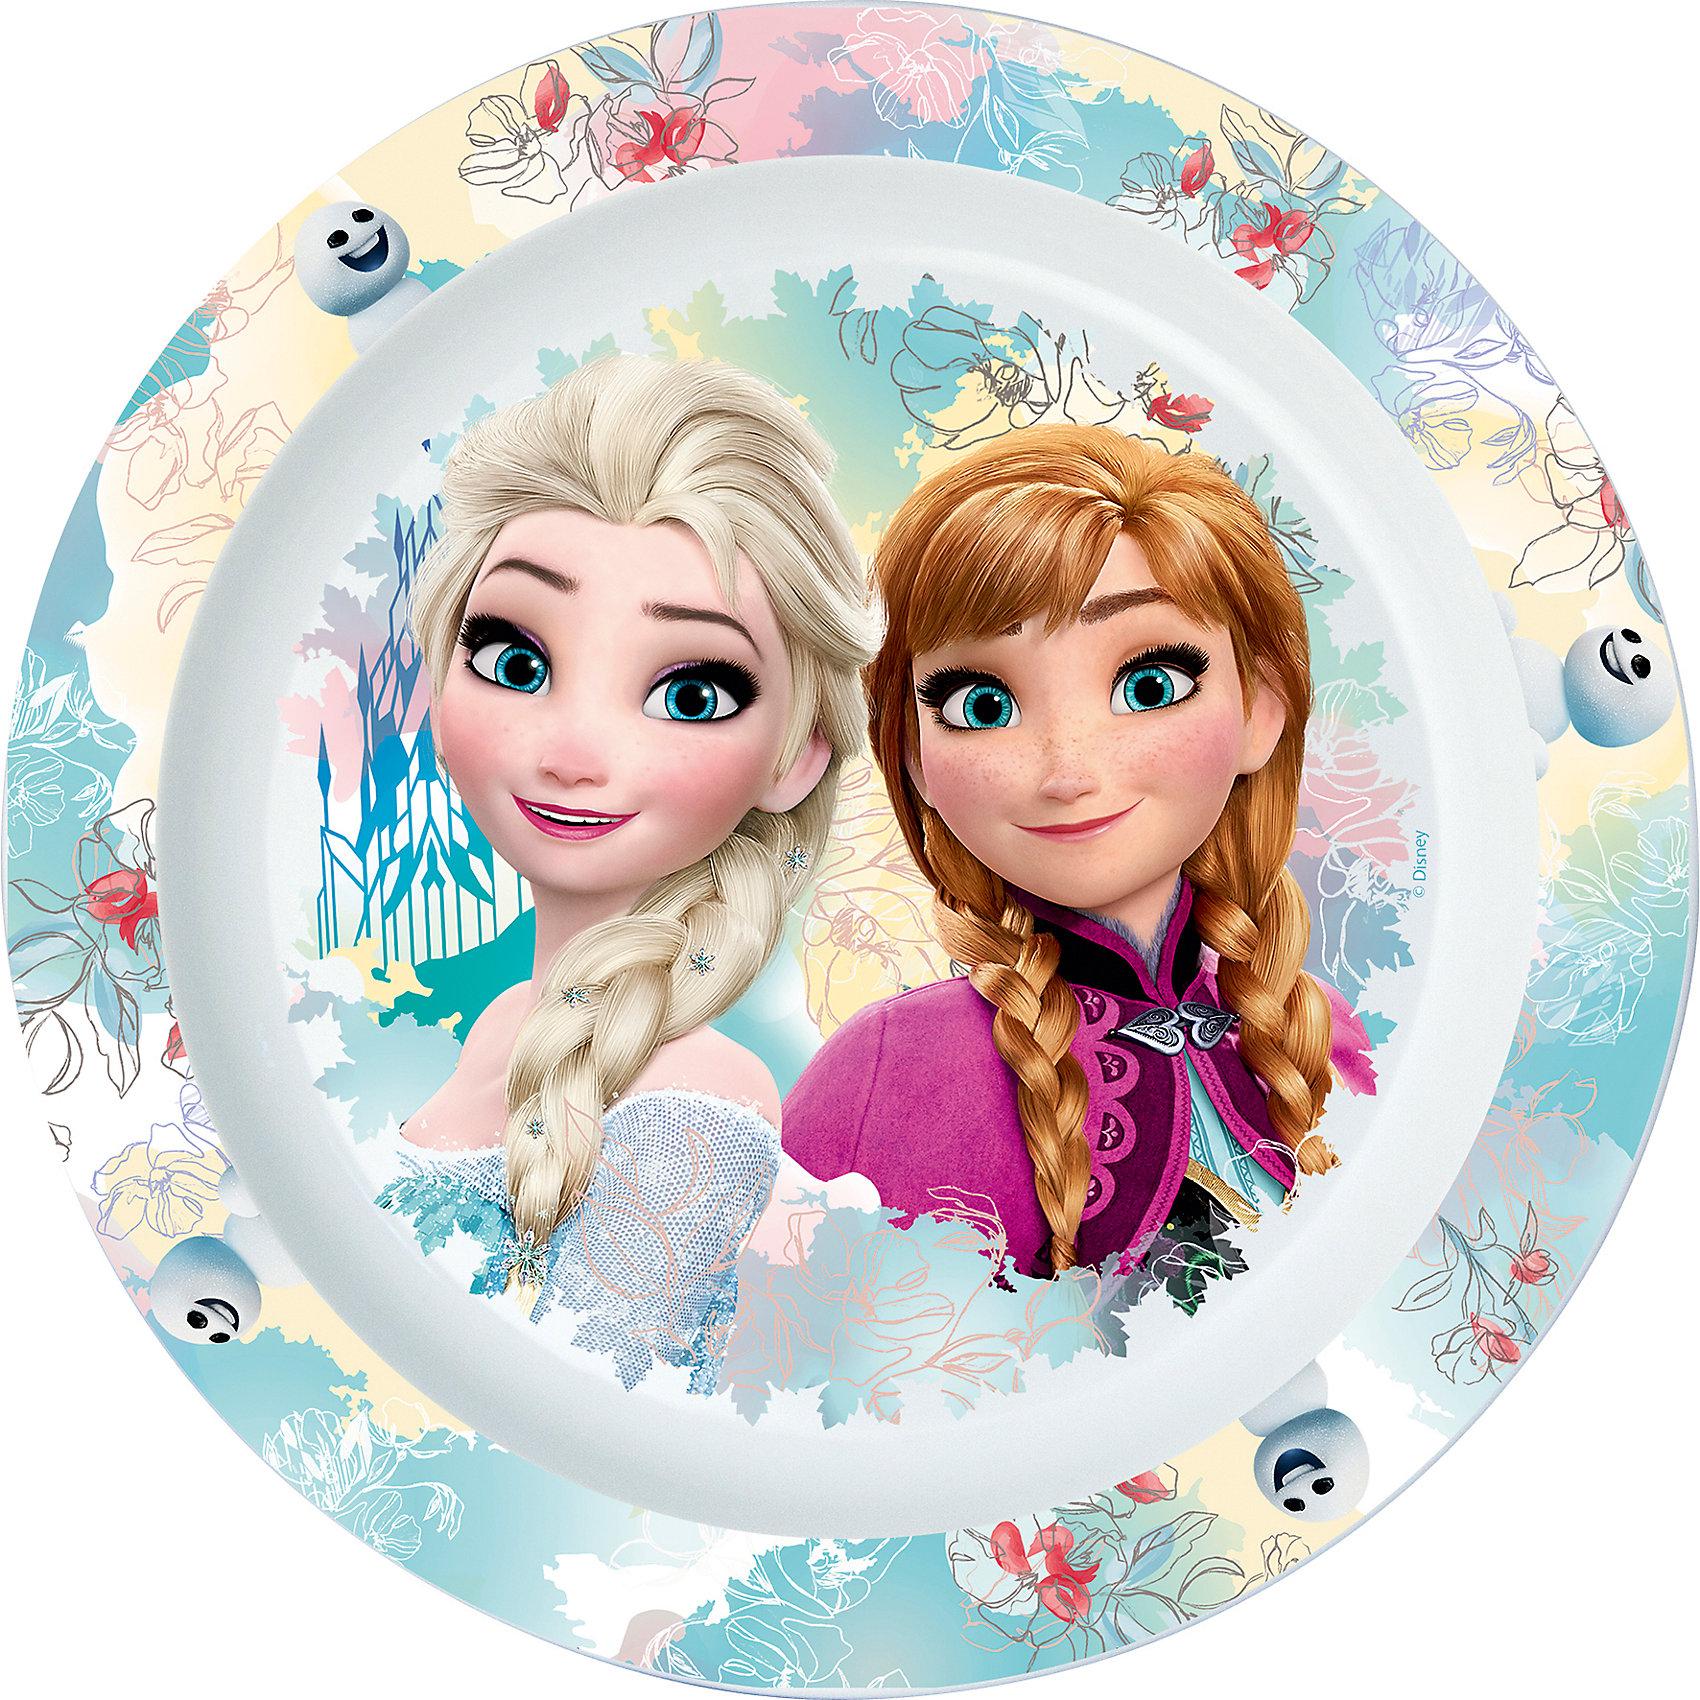 Тарелка пластиковая для СВЧ, Холодное сердцеПосуда для малышей<br>Характеристики:<br><br>• возраст: от 3 лет;<br>• материал: пищевой пластик;<br>• диаметр: 22 см;<br>• вес: 55 г.<br>   <br>Красочная детская тарелка с изображением любимых персонажей предназначена для детей от 3 лет. Яркую посуду можно использовать дома, брать с собой в дорогу или на пикник. <br><br>Большая тарелка изготовлена из высококачественного пищевого пластика. Подходит для  обучения детей самостоятельному приему пищи, она не бьется и безопасна для малышей.<br><br>Тарелку можно использовать для горячих блюд и СВЧ. <br><br>Тарелка пластиковая для СВЧ 22см., Холодное сердце, ND Play можно приобрести в нашем интернет-магазине.<br><br>Ширина мм: 220<br>Глубина мм: 15<br>Высота мм: 220<br>Вес г: 55<br>Возраст от месяцев: 36<br>Возраст до месяцев: 2147483647<br>Пол: Унисекс<br>Возраст: Детский<br>SKU: 7010357